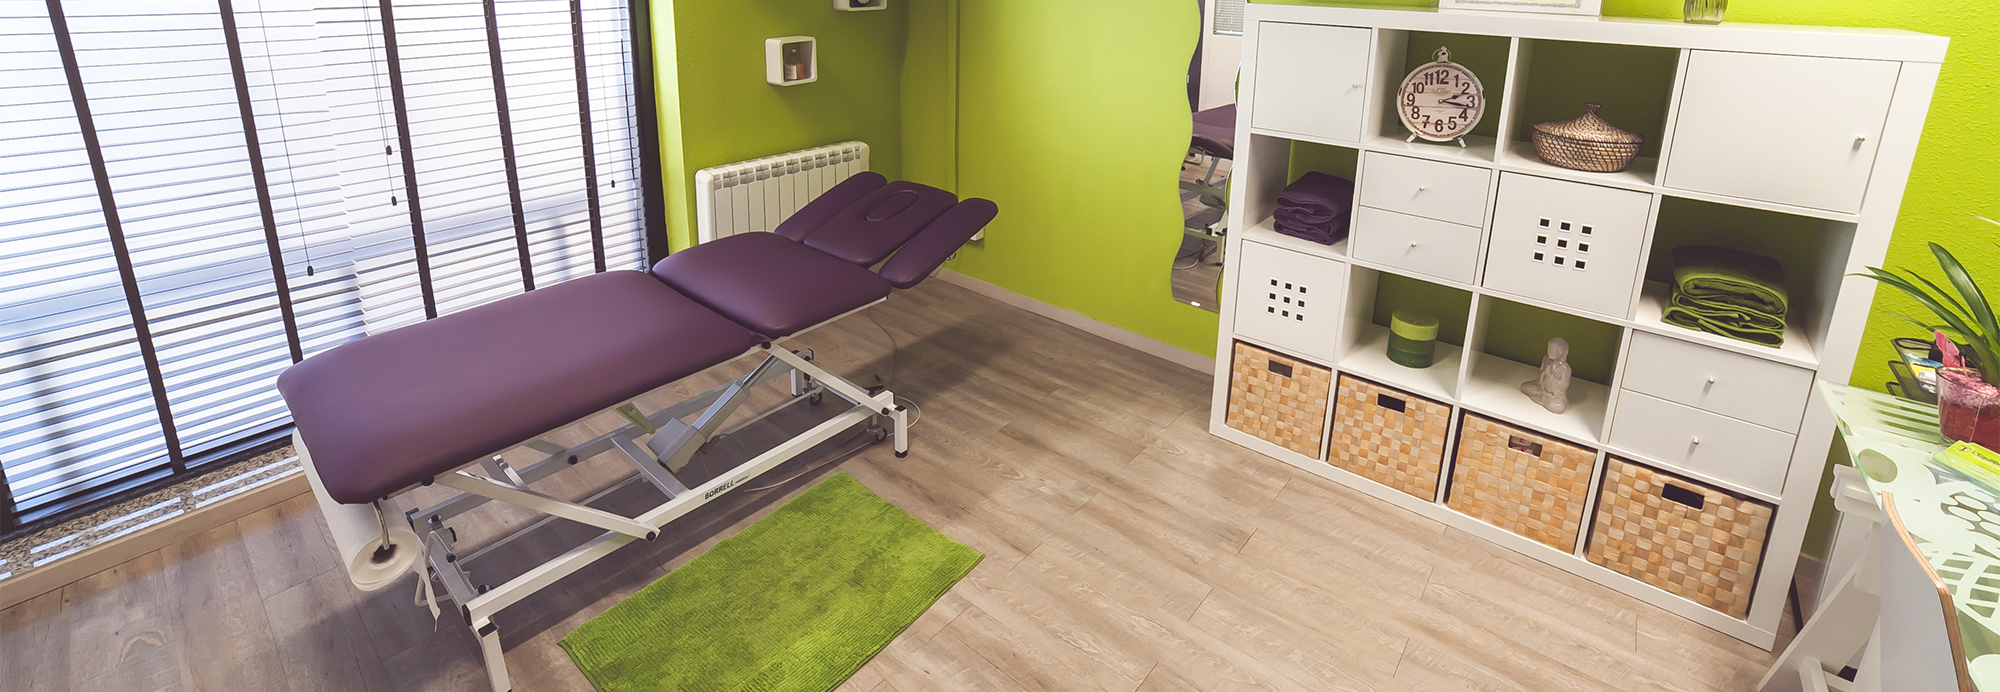 Sala con camilla de Fisioterapia